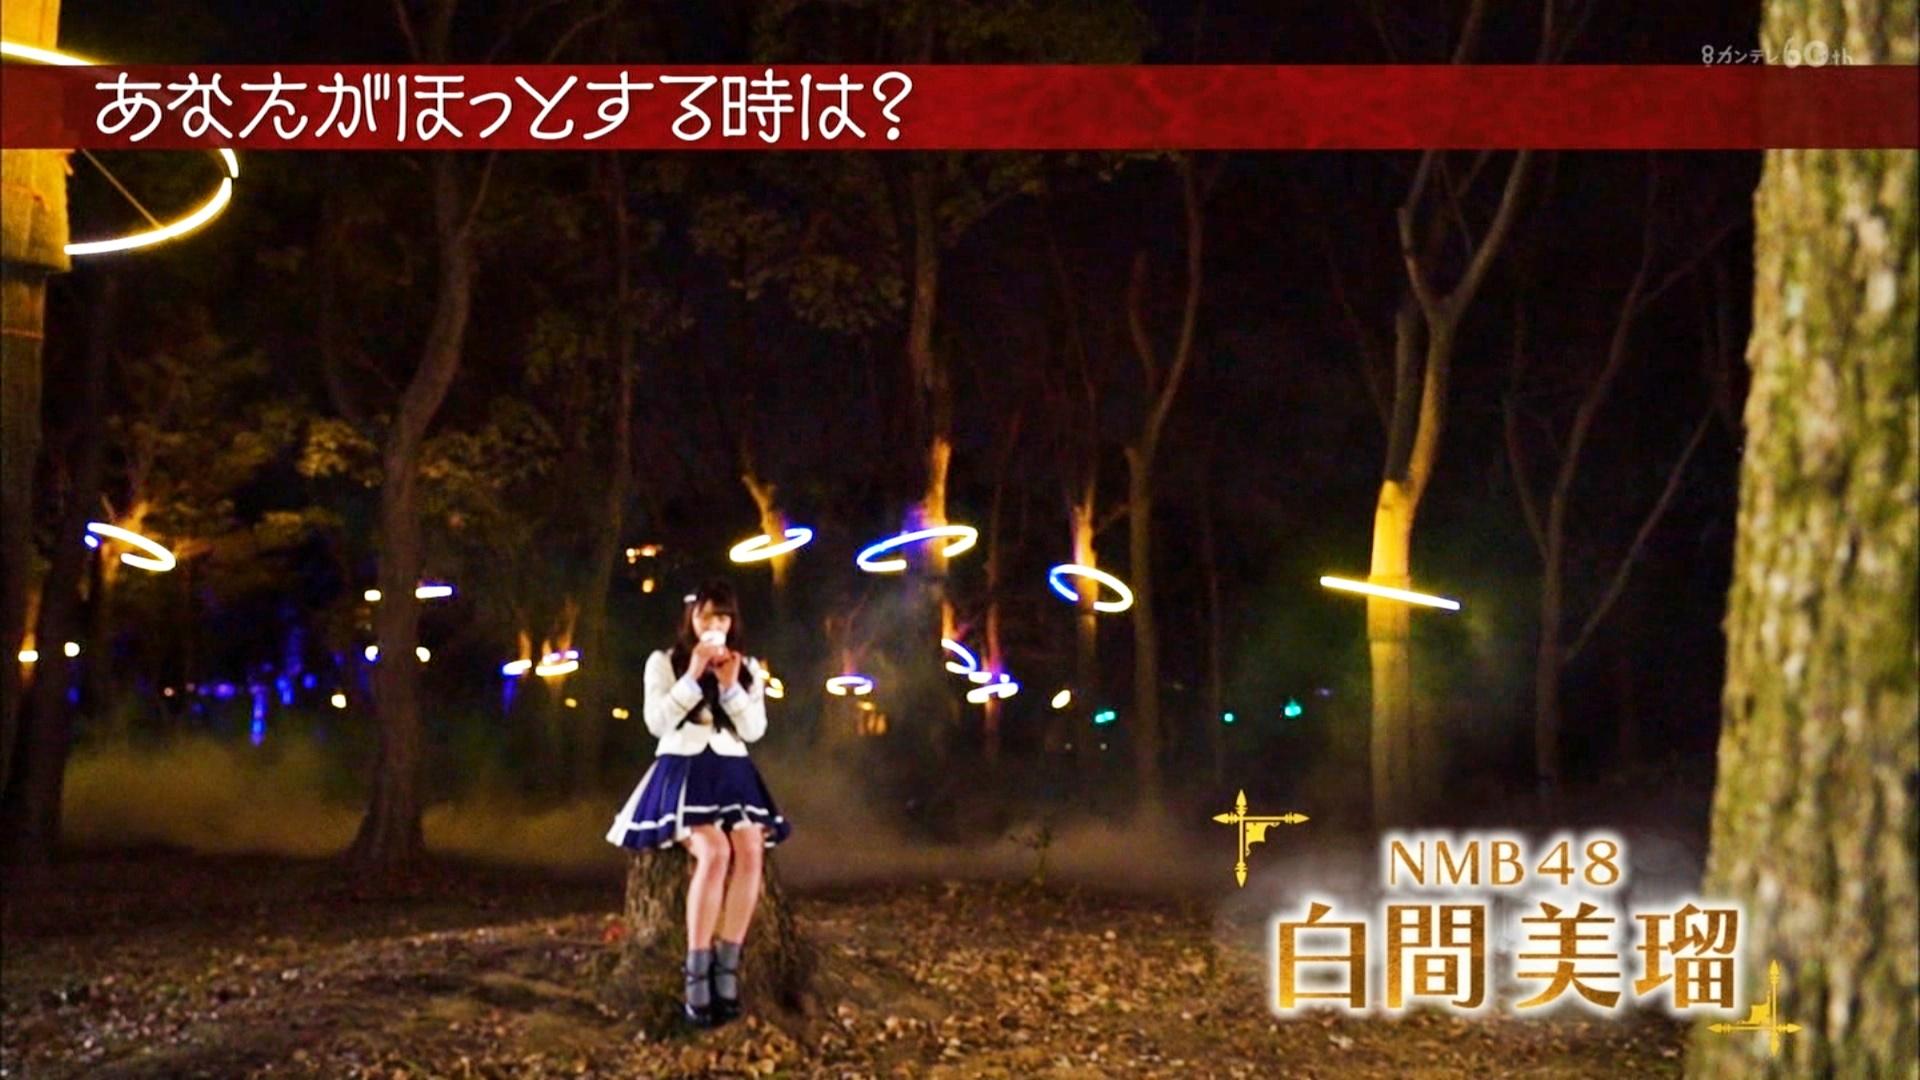 【白間美瑠】みるるん出演3月4日「ほっとするわ」キャプ画像。サクヤルミナから。